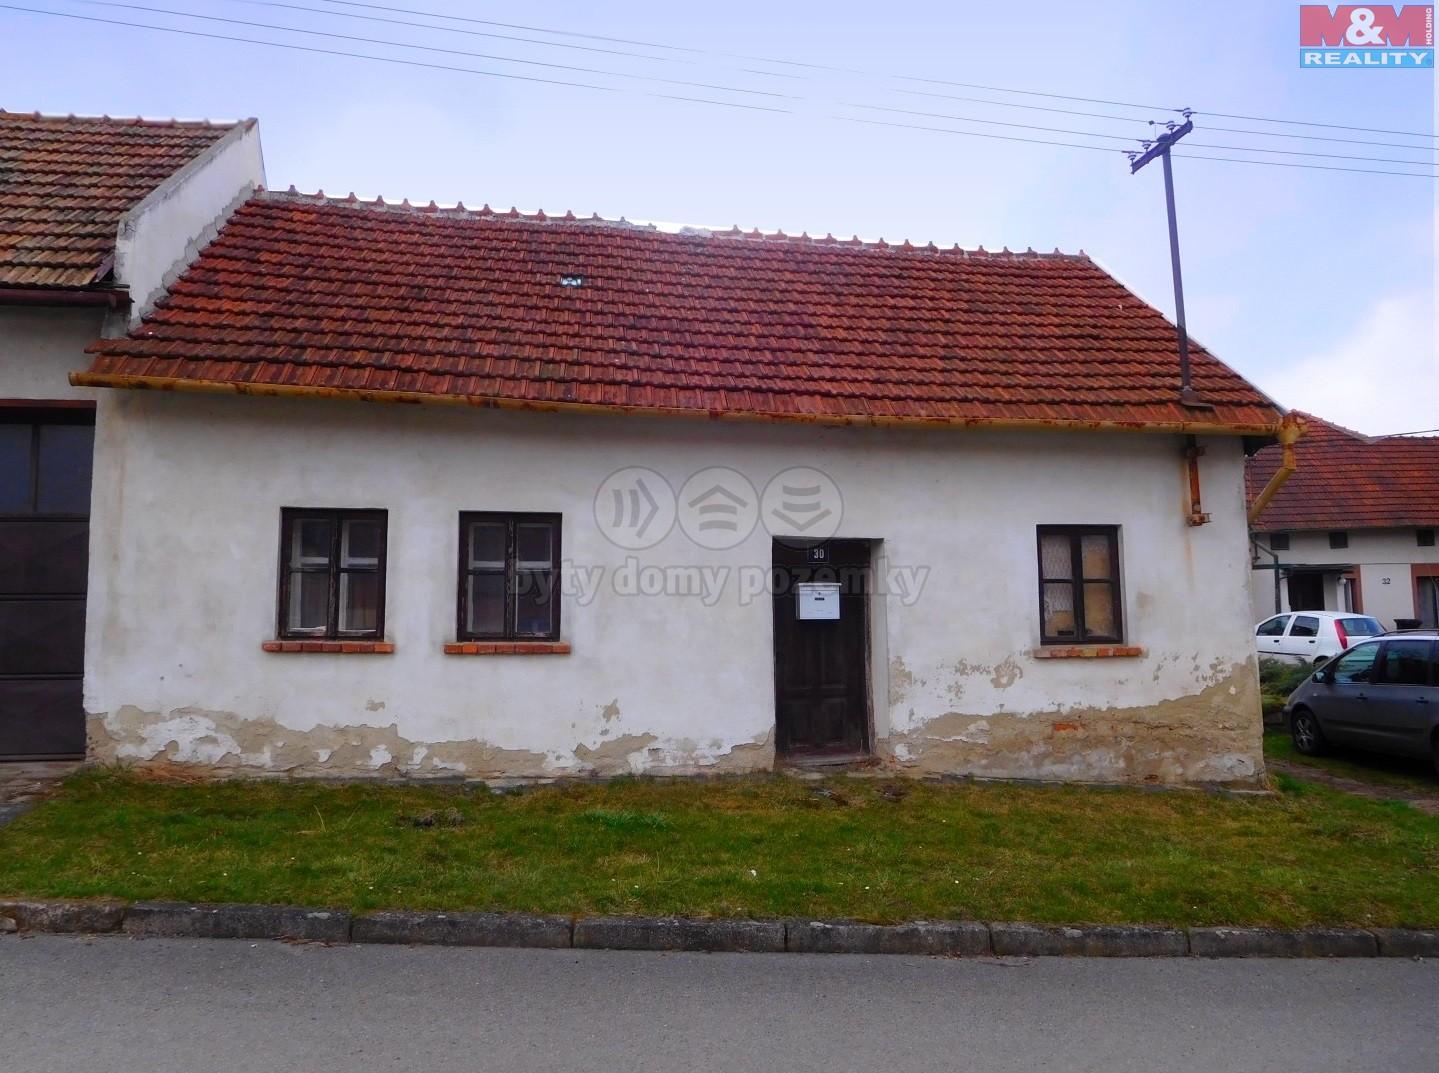 Prodej, rodinný dům, Chvalkovice, okr. Vyškov